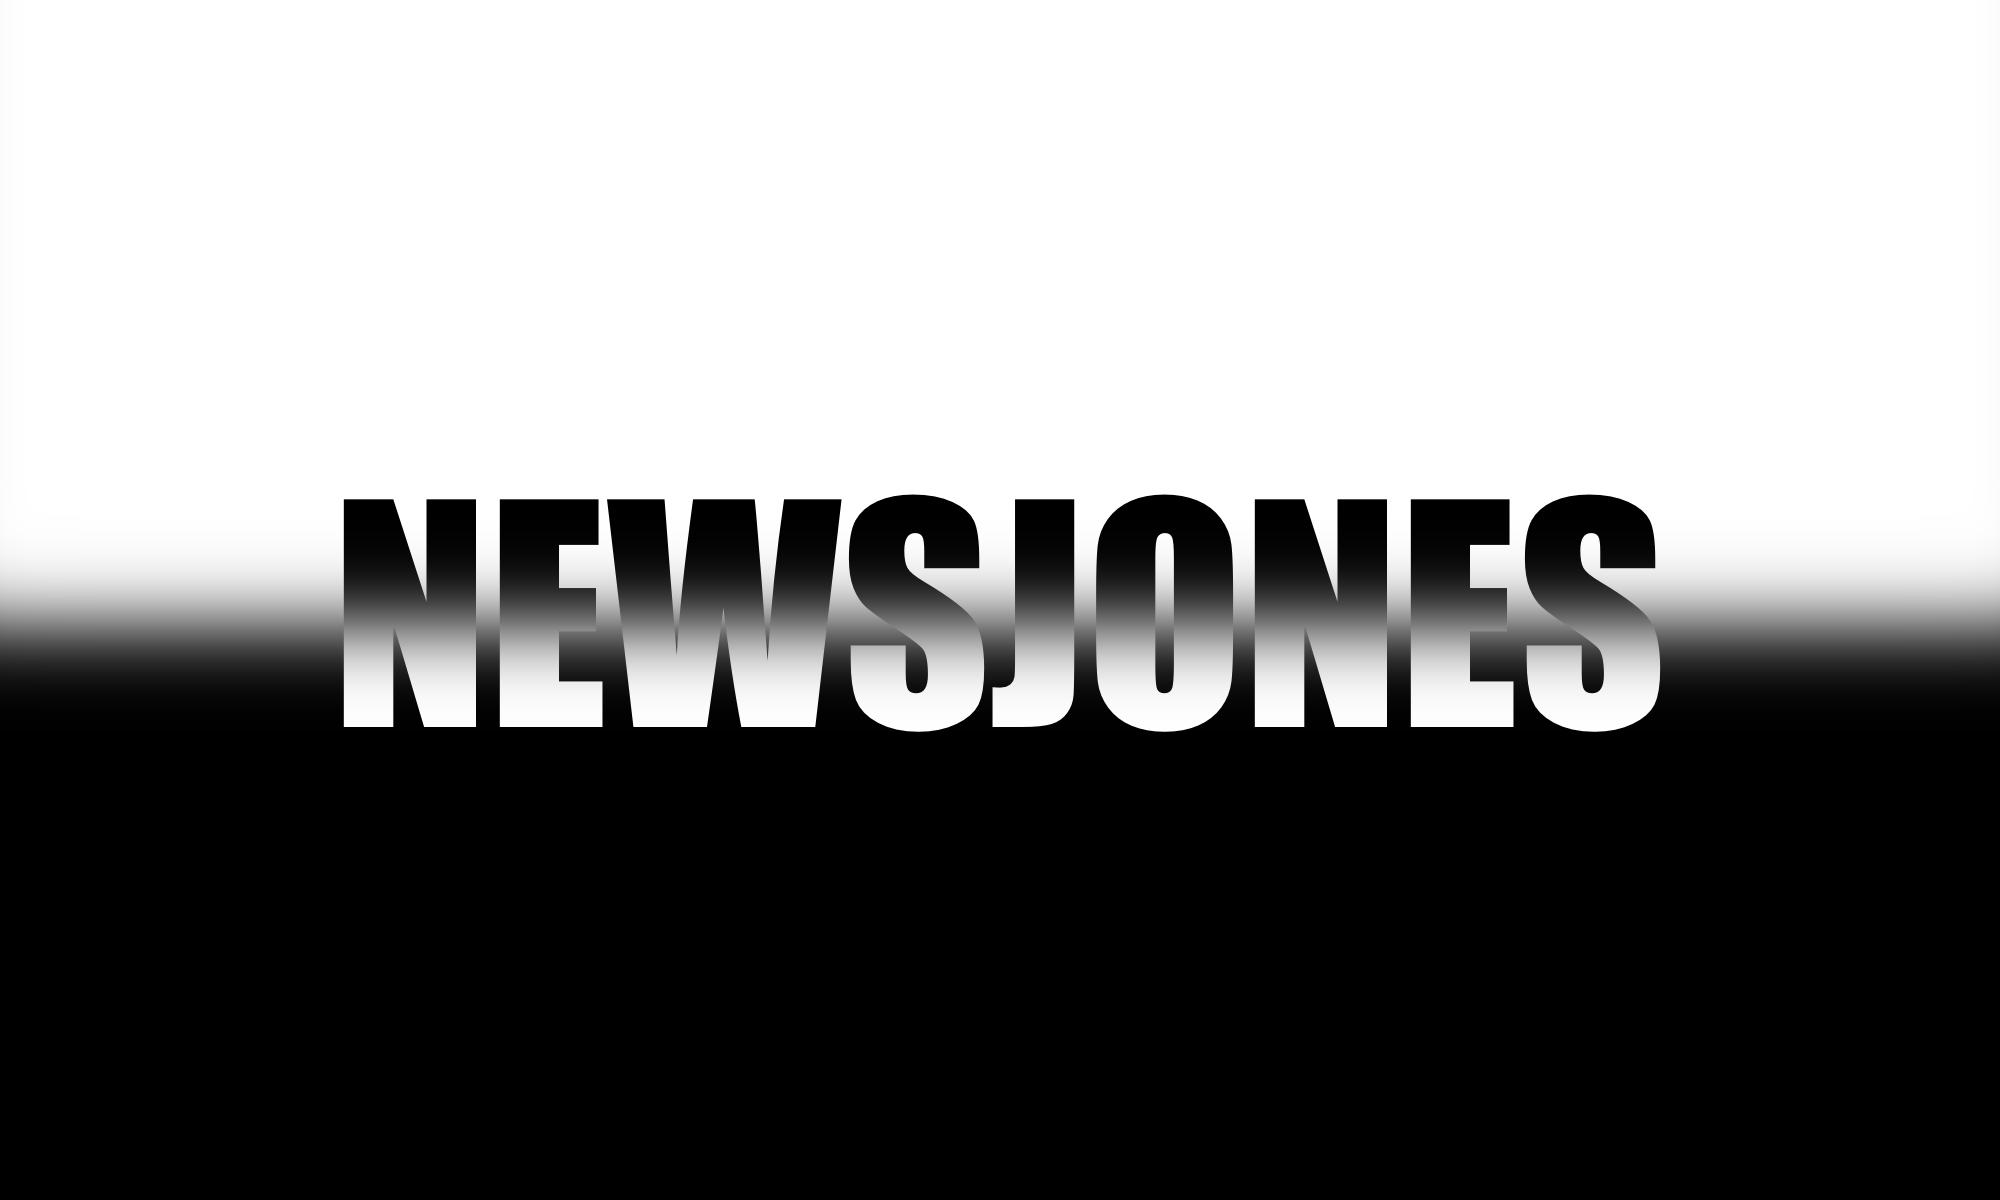 Newsjones